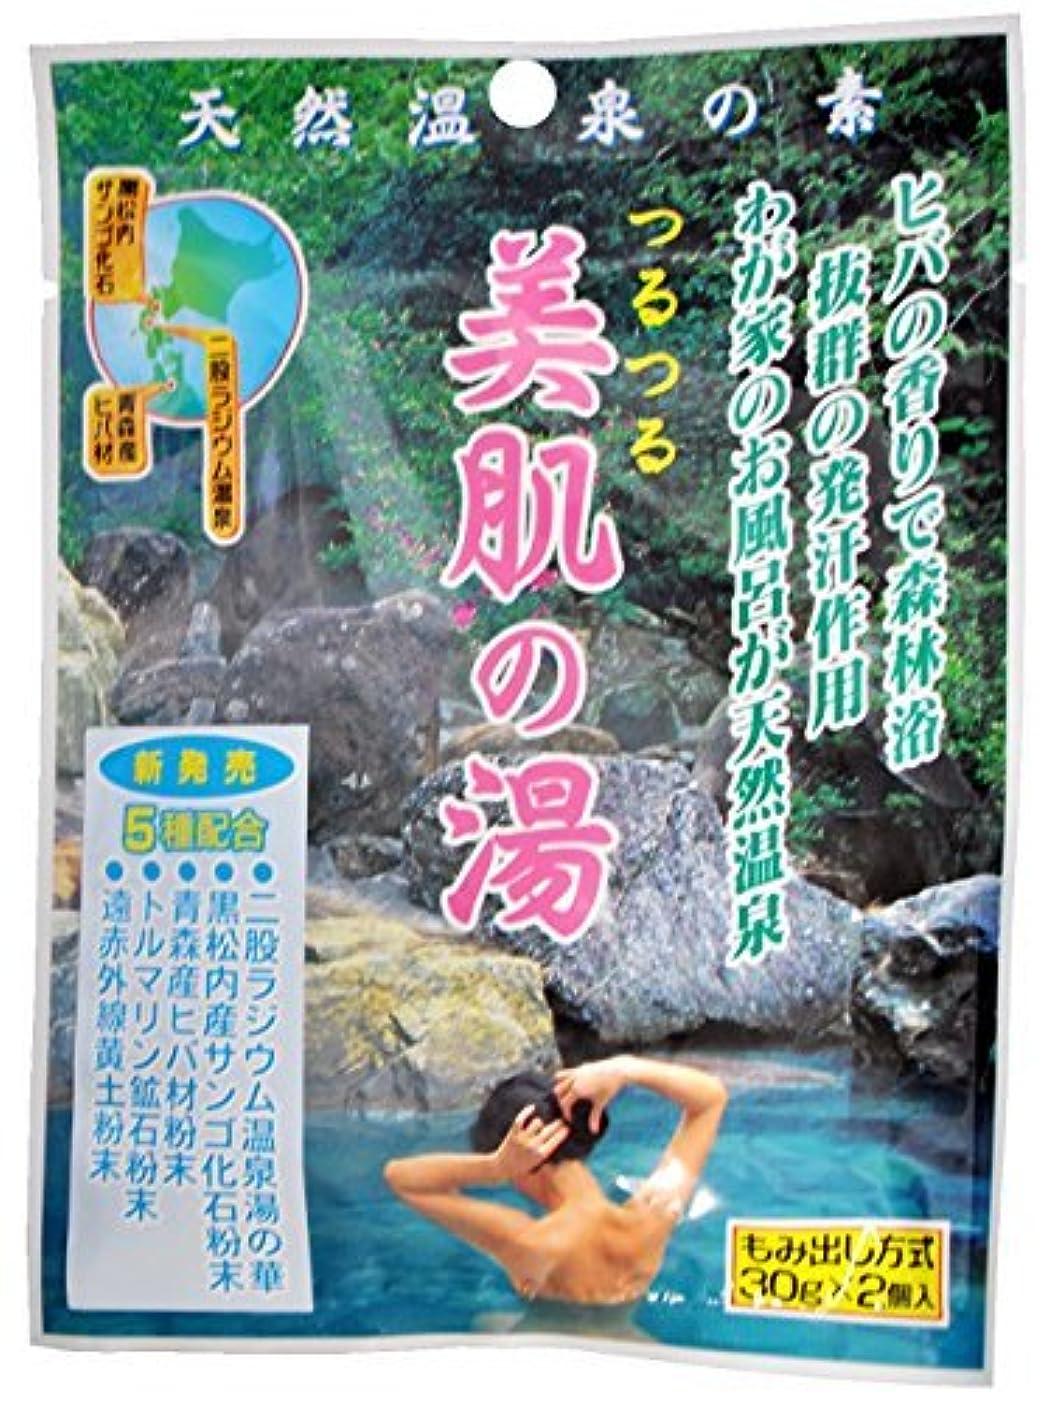 敗北セットアップ友だち【まとめ買い】天然成分入浴剤 つるつる 美肌の湯 2袋入 二股ラジウム温泉の湯の華 ×8個